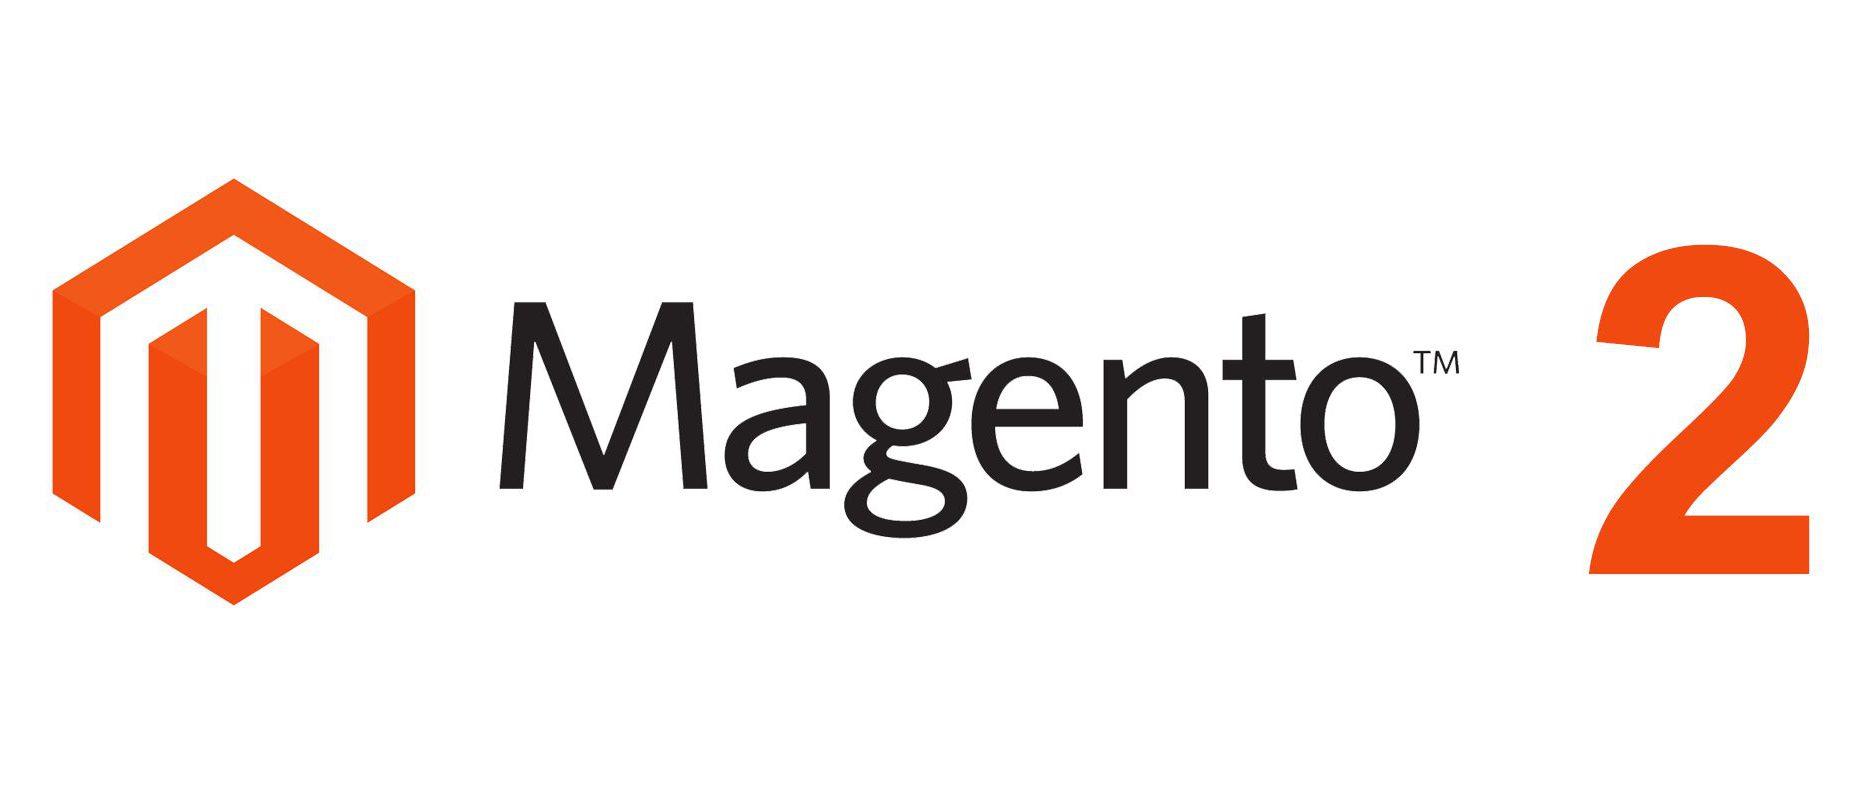 Magento 2 – wdrożenia, migracje, rozwój i obsługa sklepu